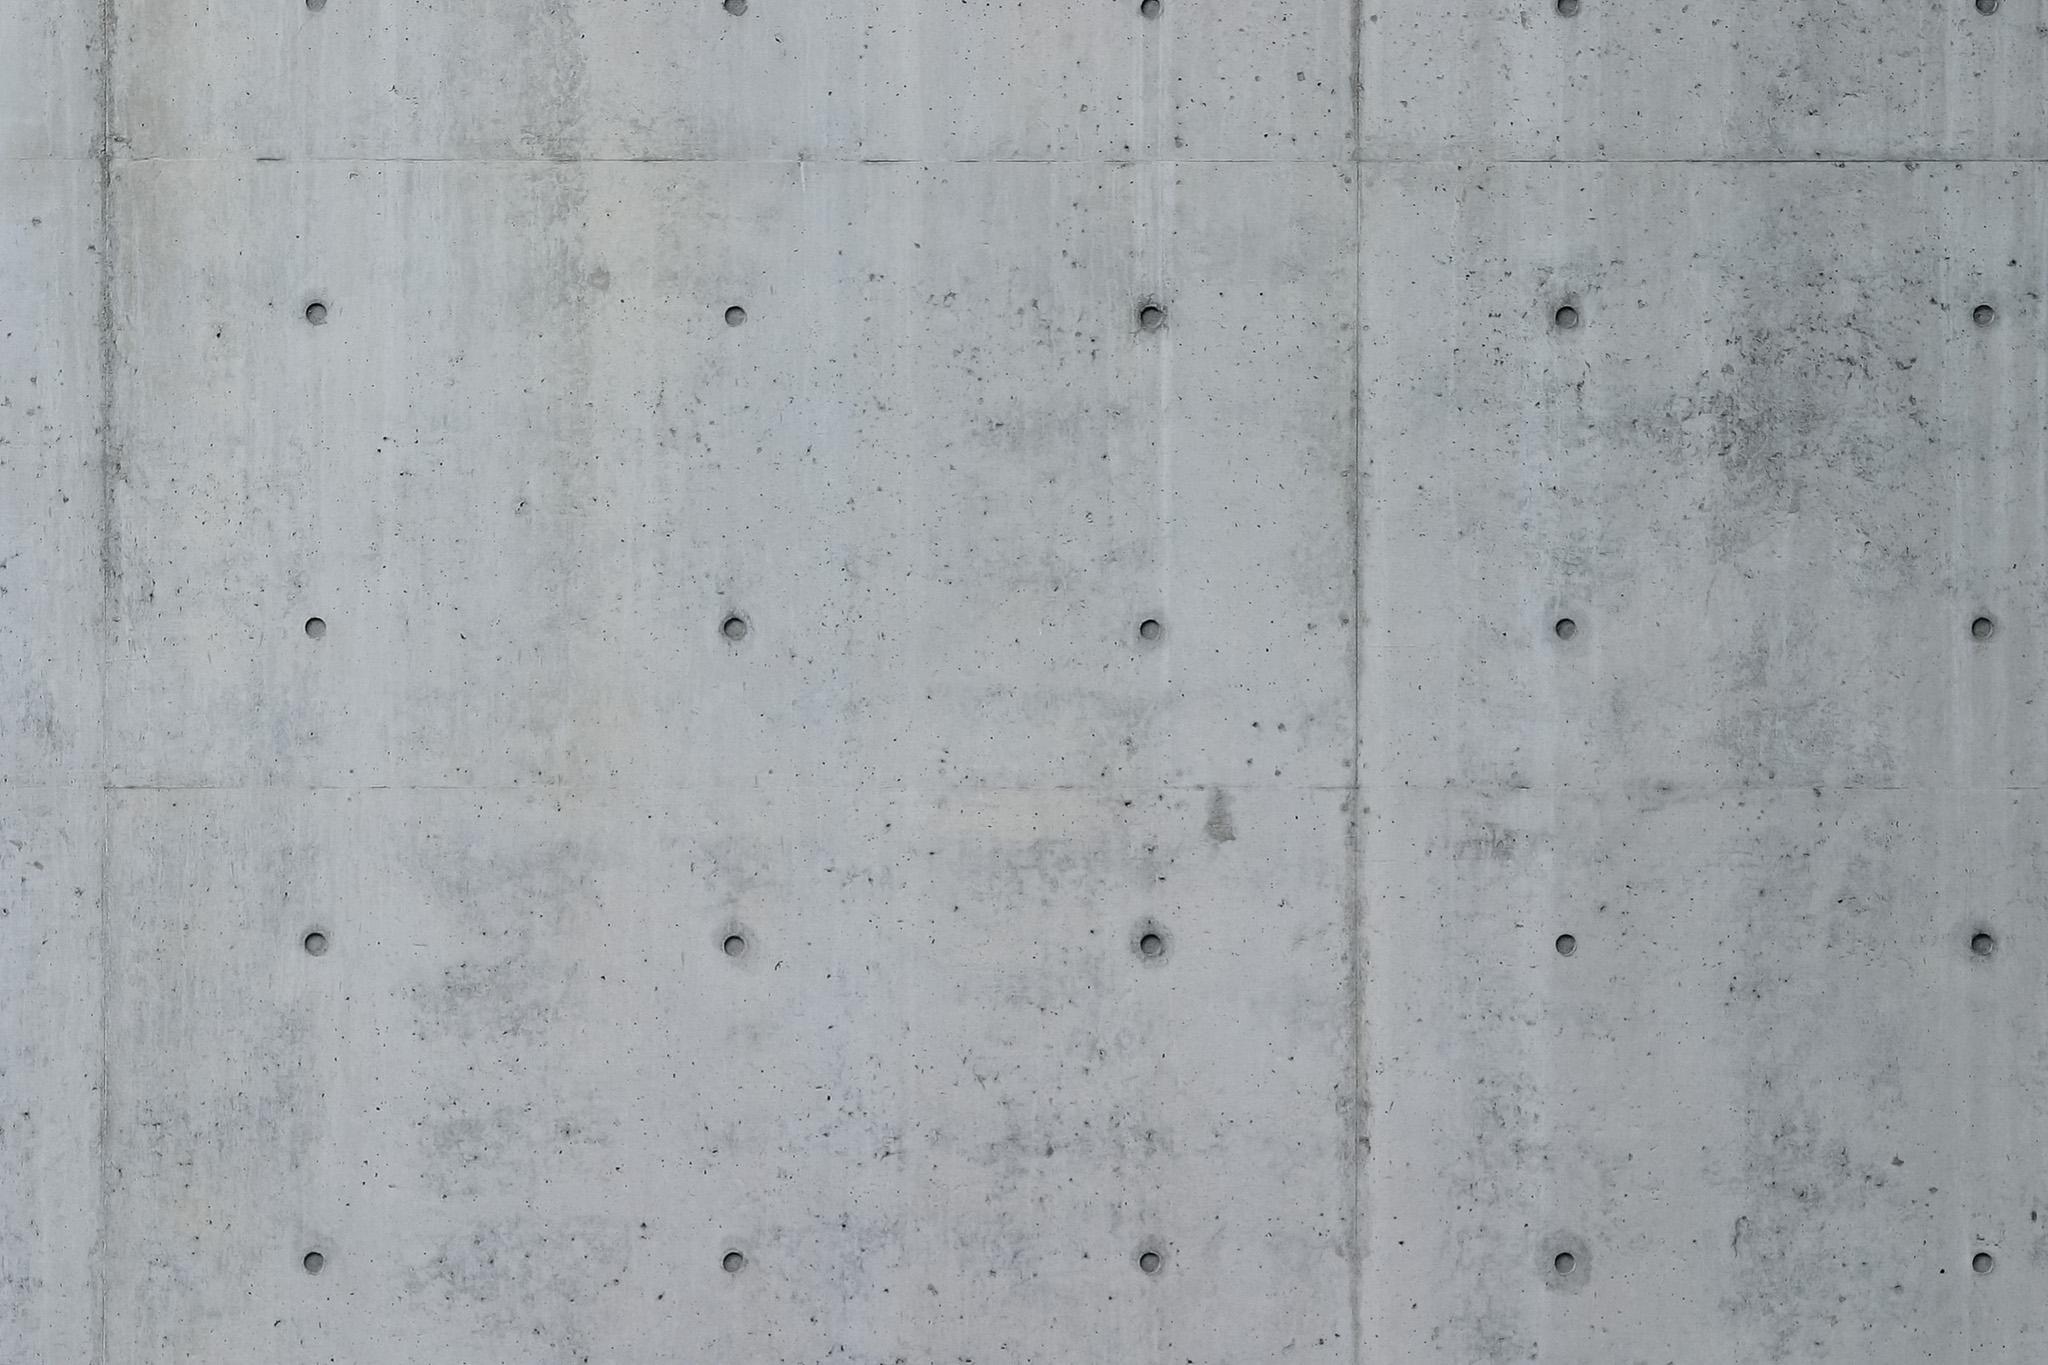 トンネルのコンクリート壁